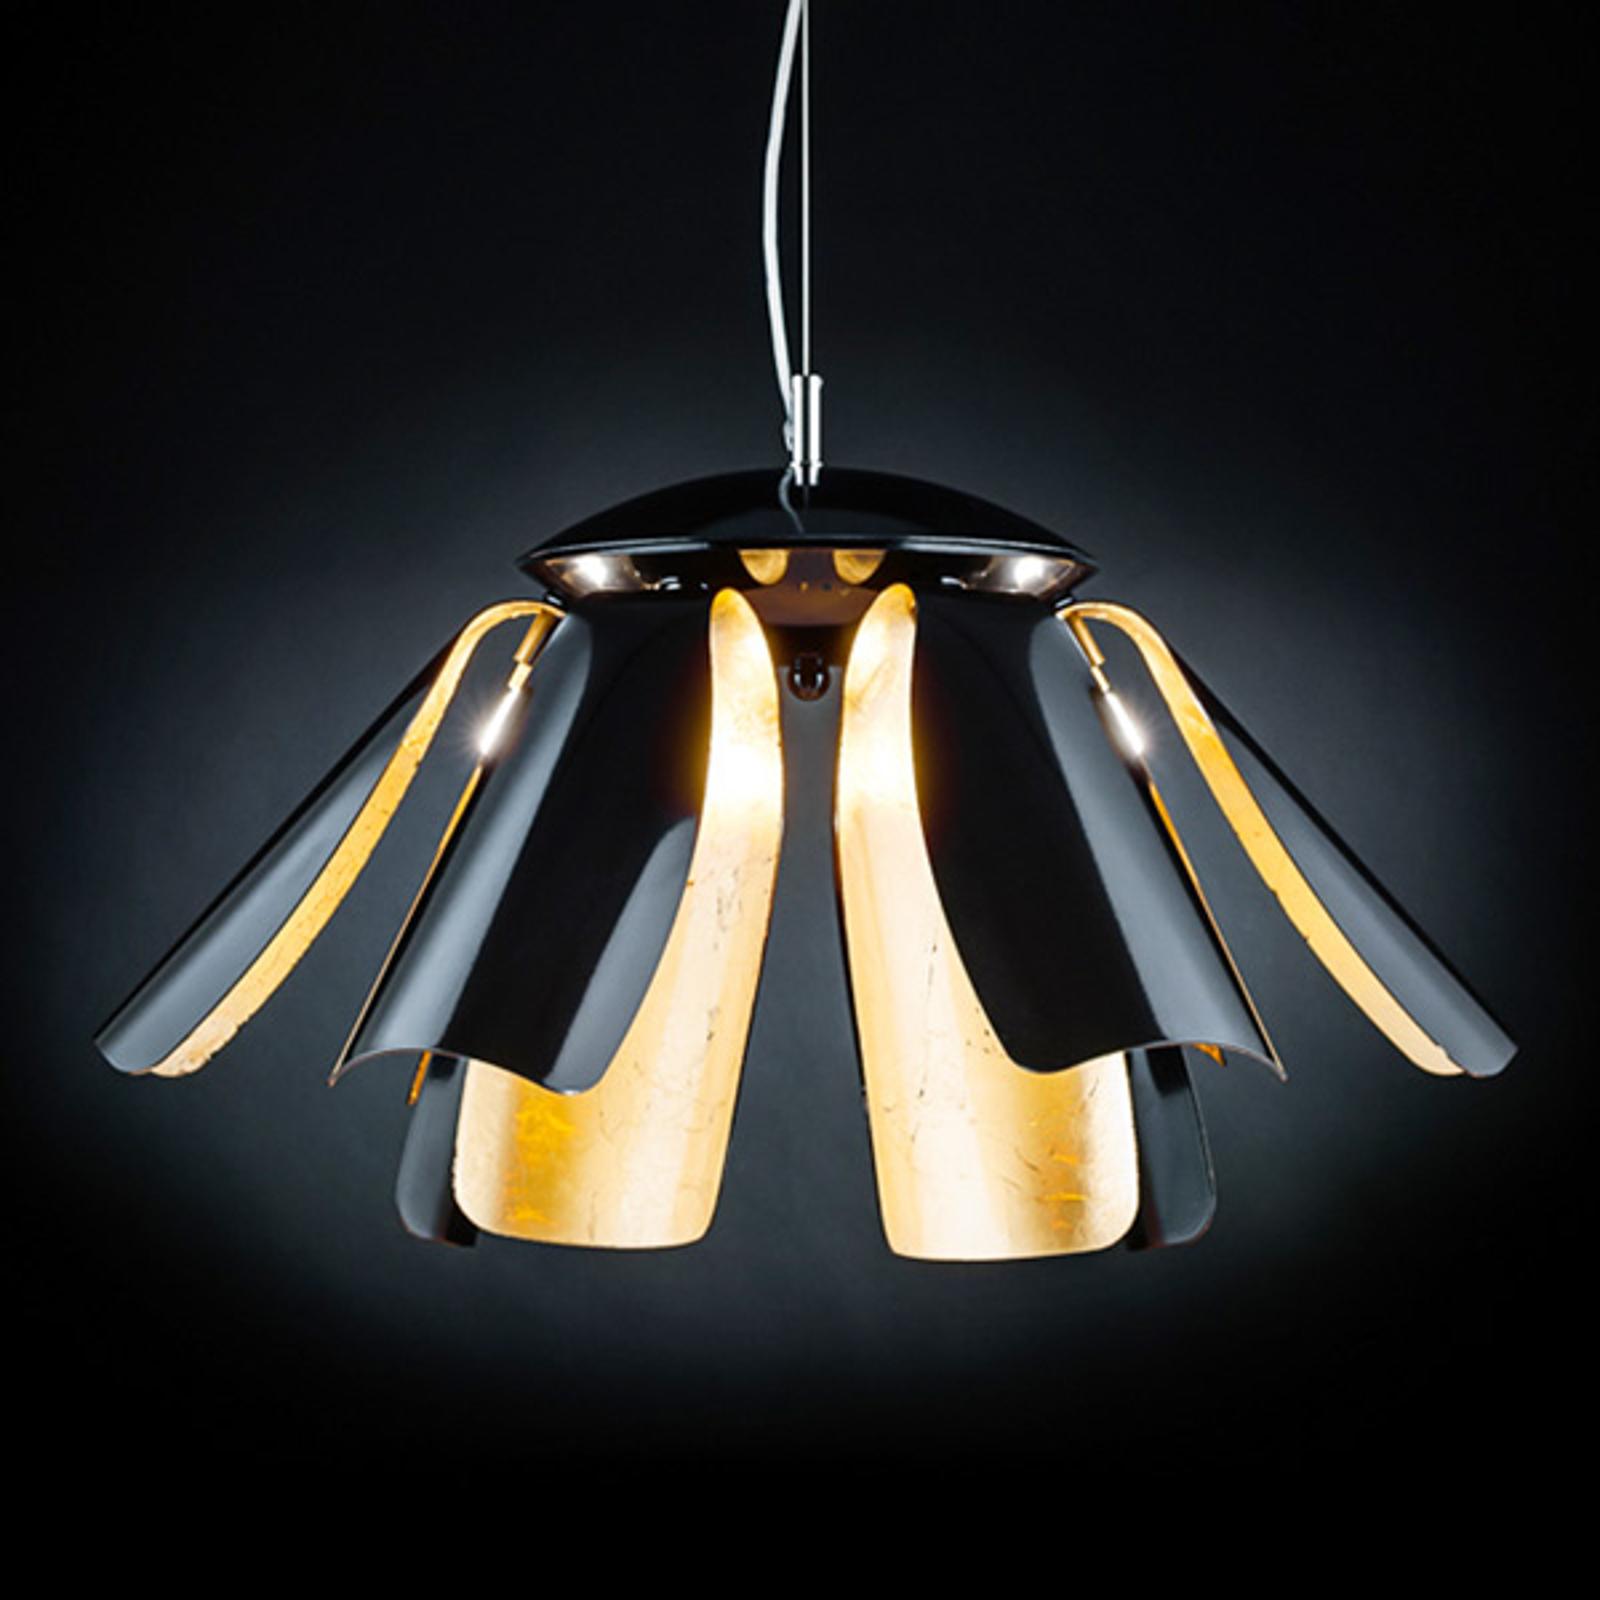 Lampa wisząca Tropic 60 cm brązowa/płatkowe złoto